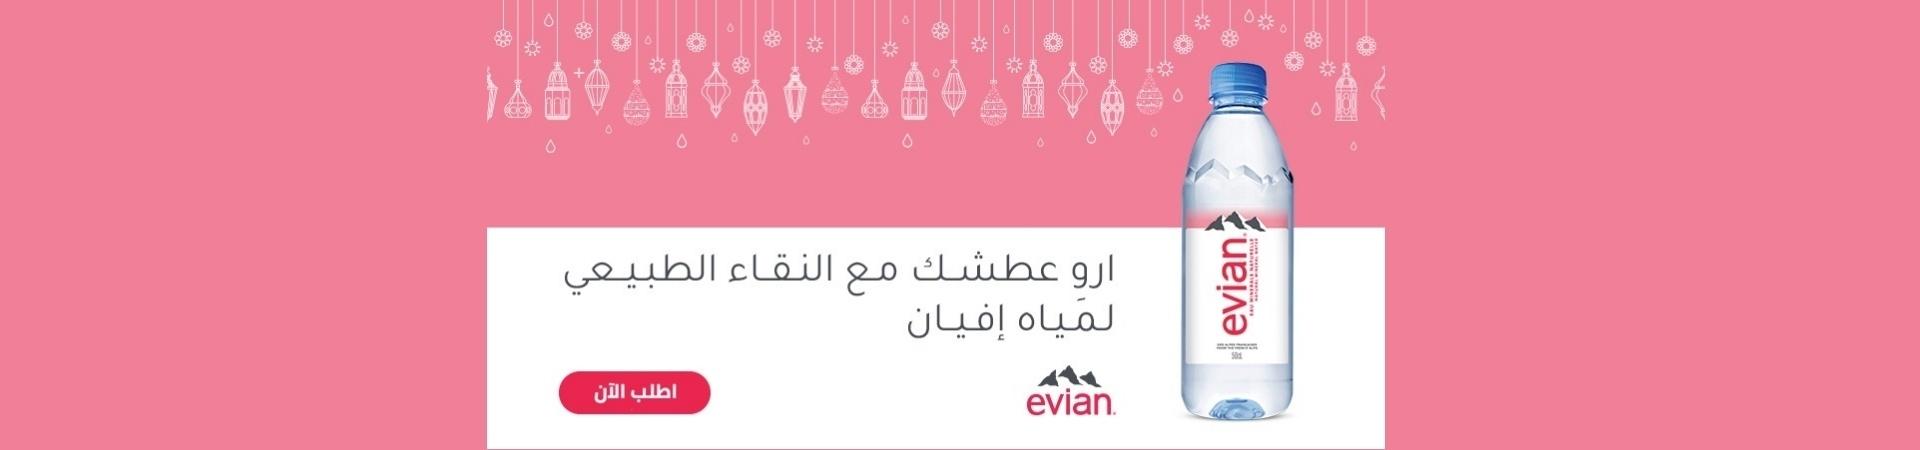 Evian - Waterwa